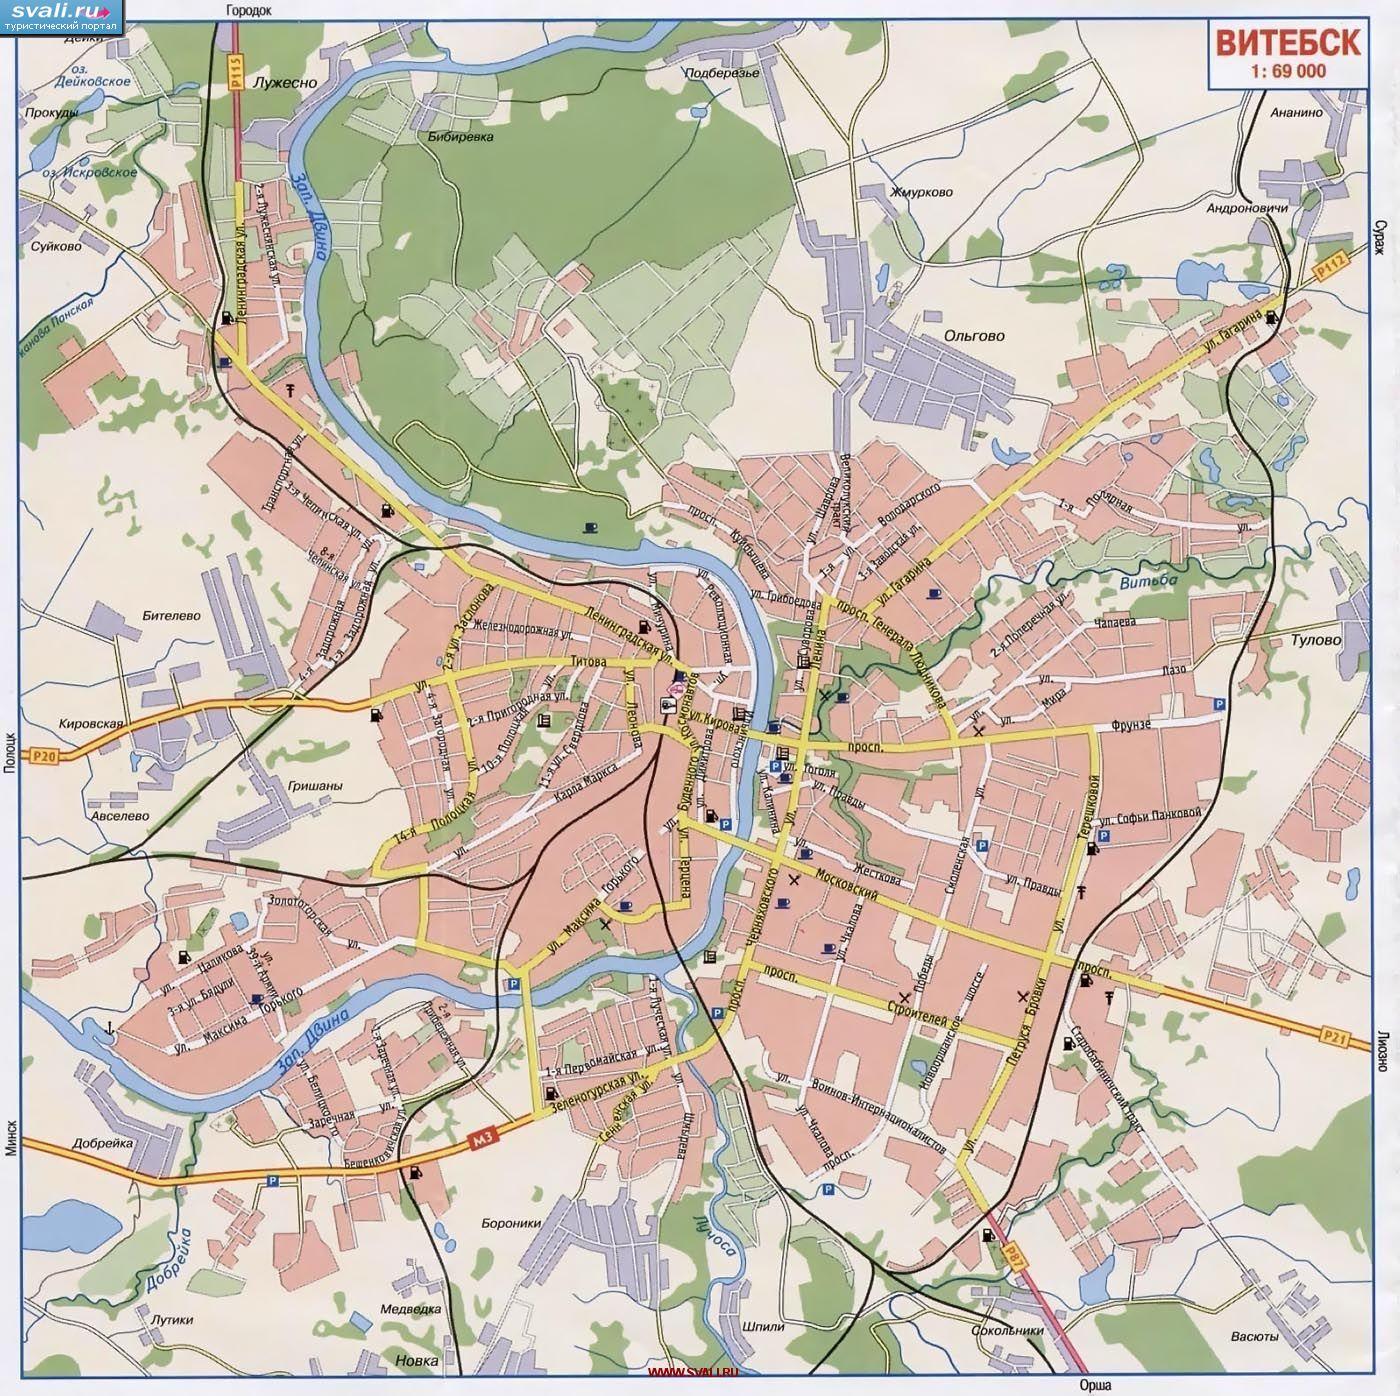 Бесплатно скачать подробную карту автомобильных дорог Витебска.